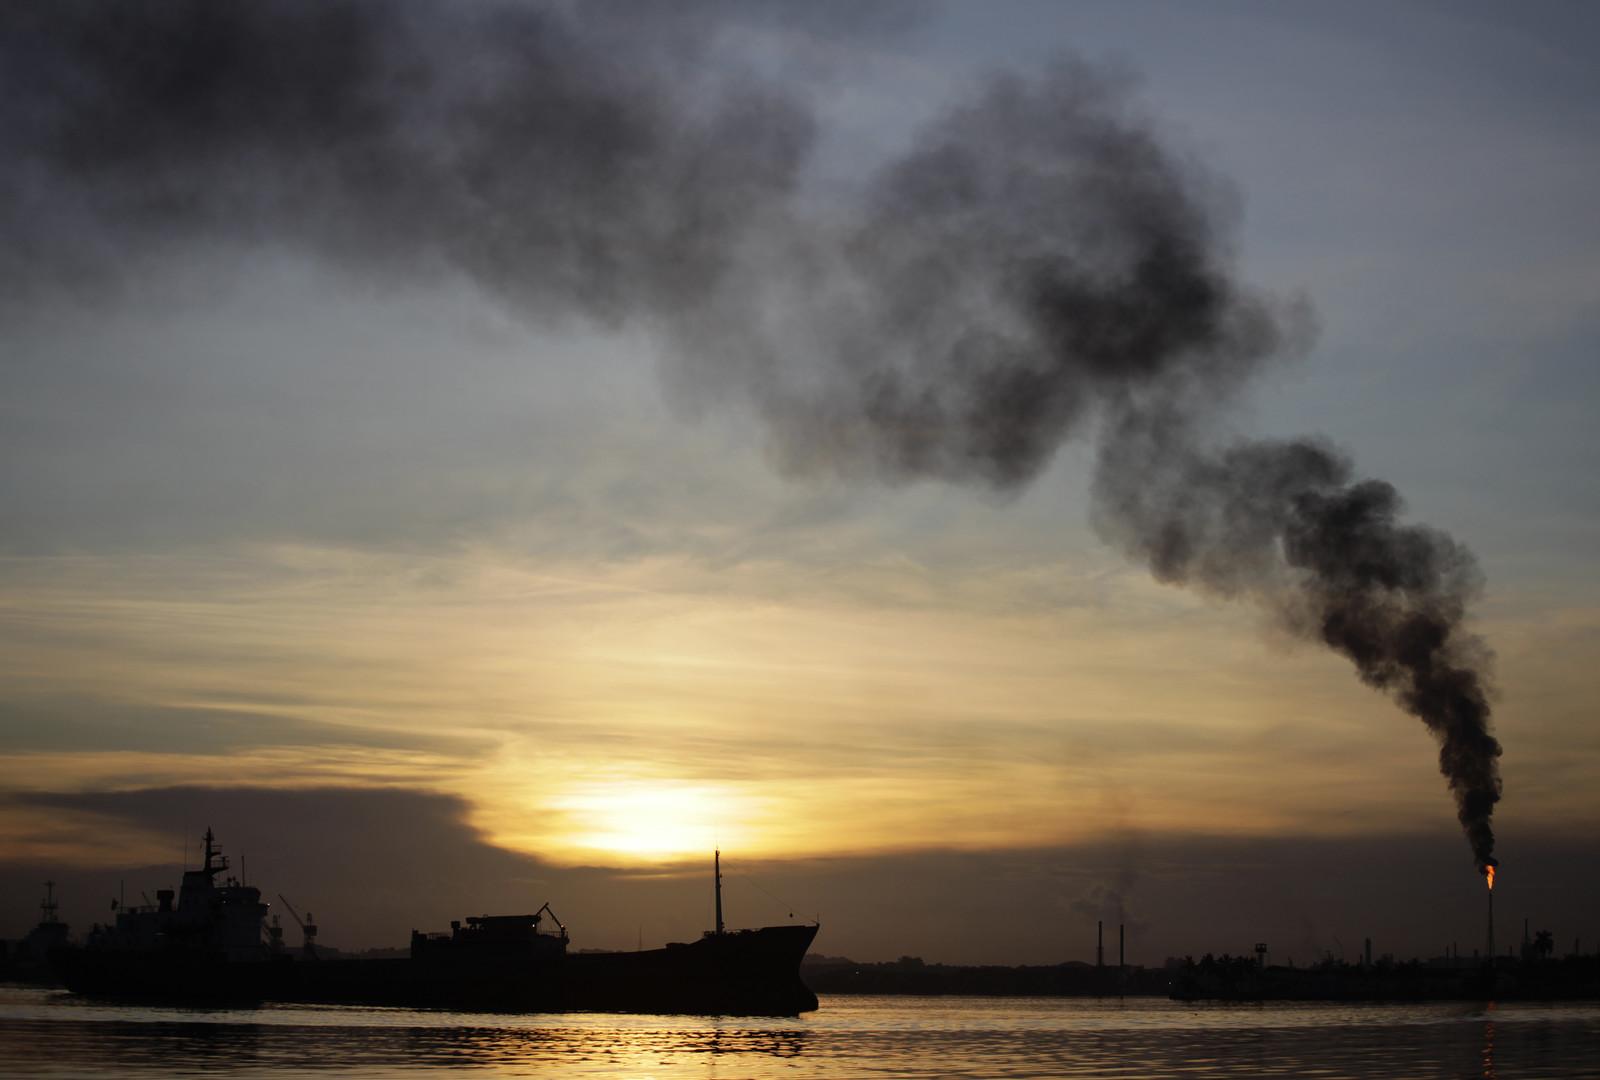 غرق ناقلة نفط بعد إنقاذ 44 بحارا من السفينتين المنكوبتين ونقلهم إلى ميناء جاسك الإيراني